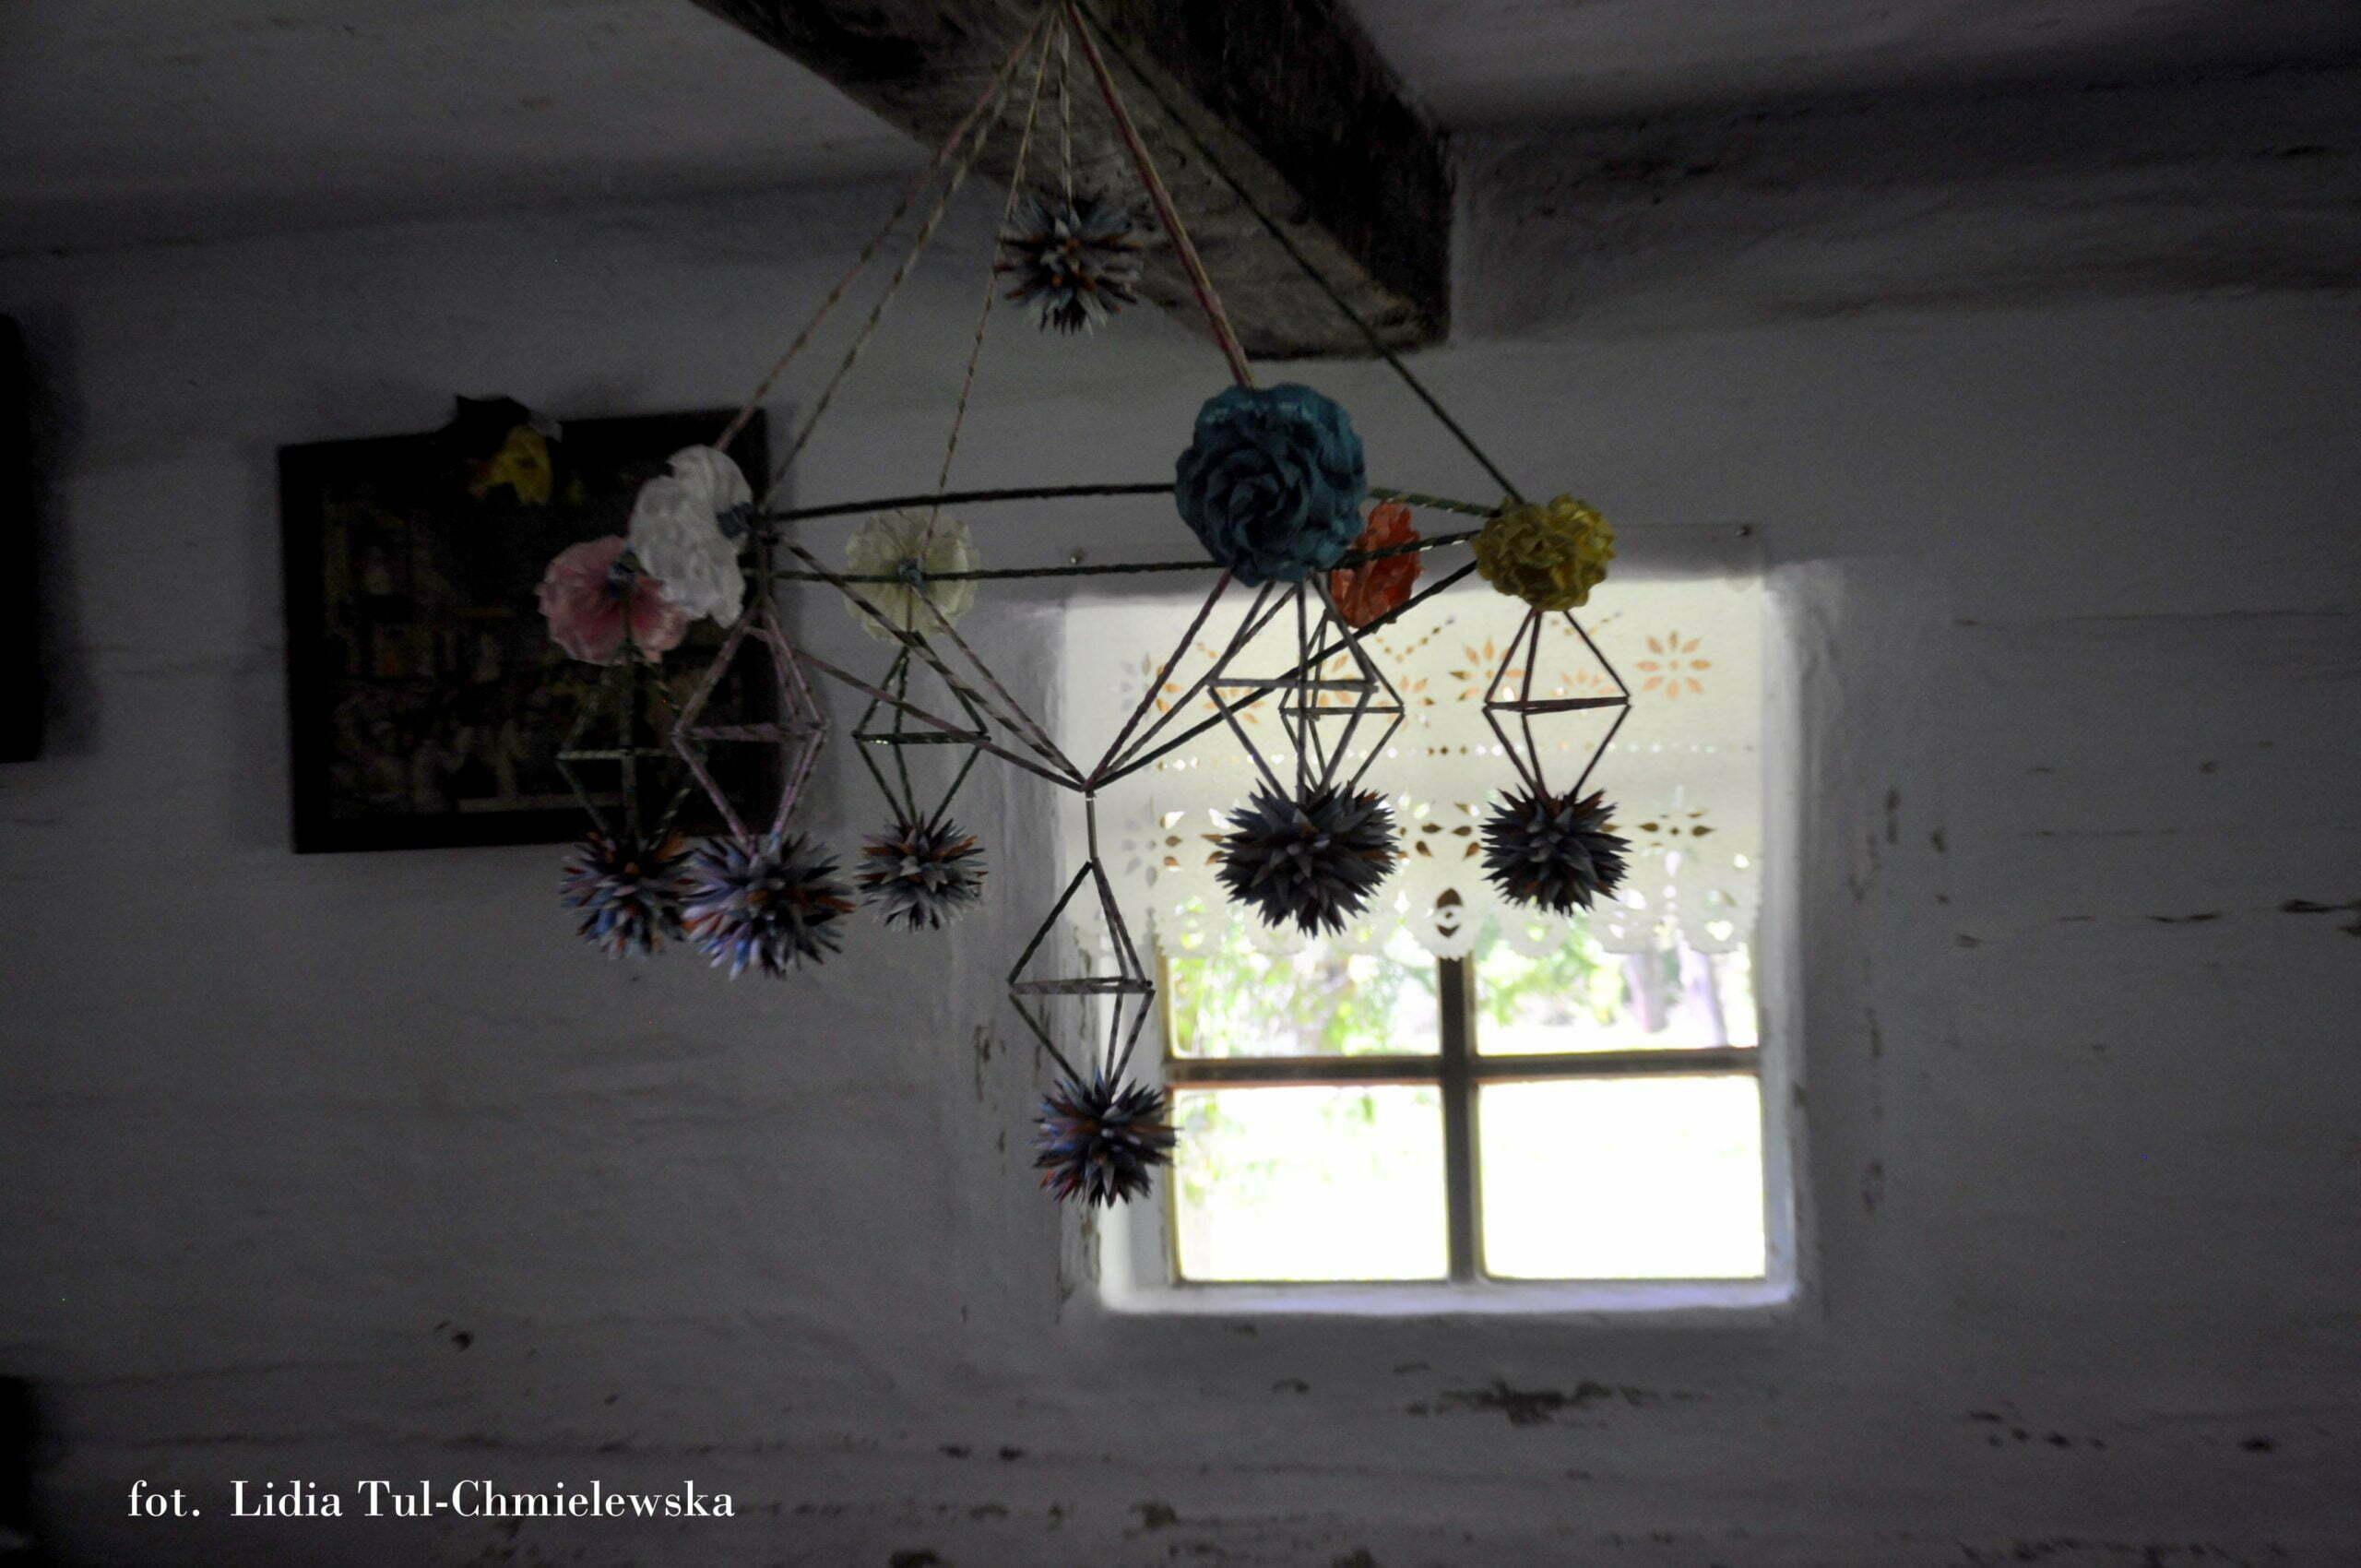 Ozdoby świąteczne tzw. pająki fot. Lidia Tul-Chmielewska